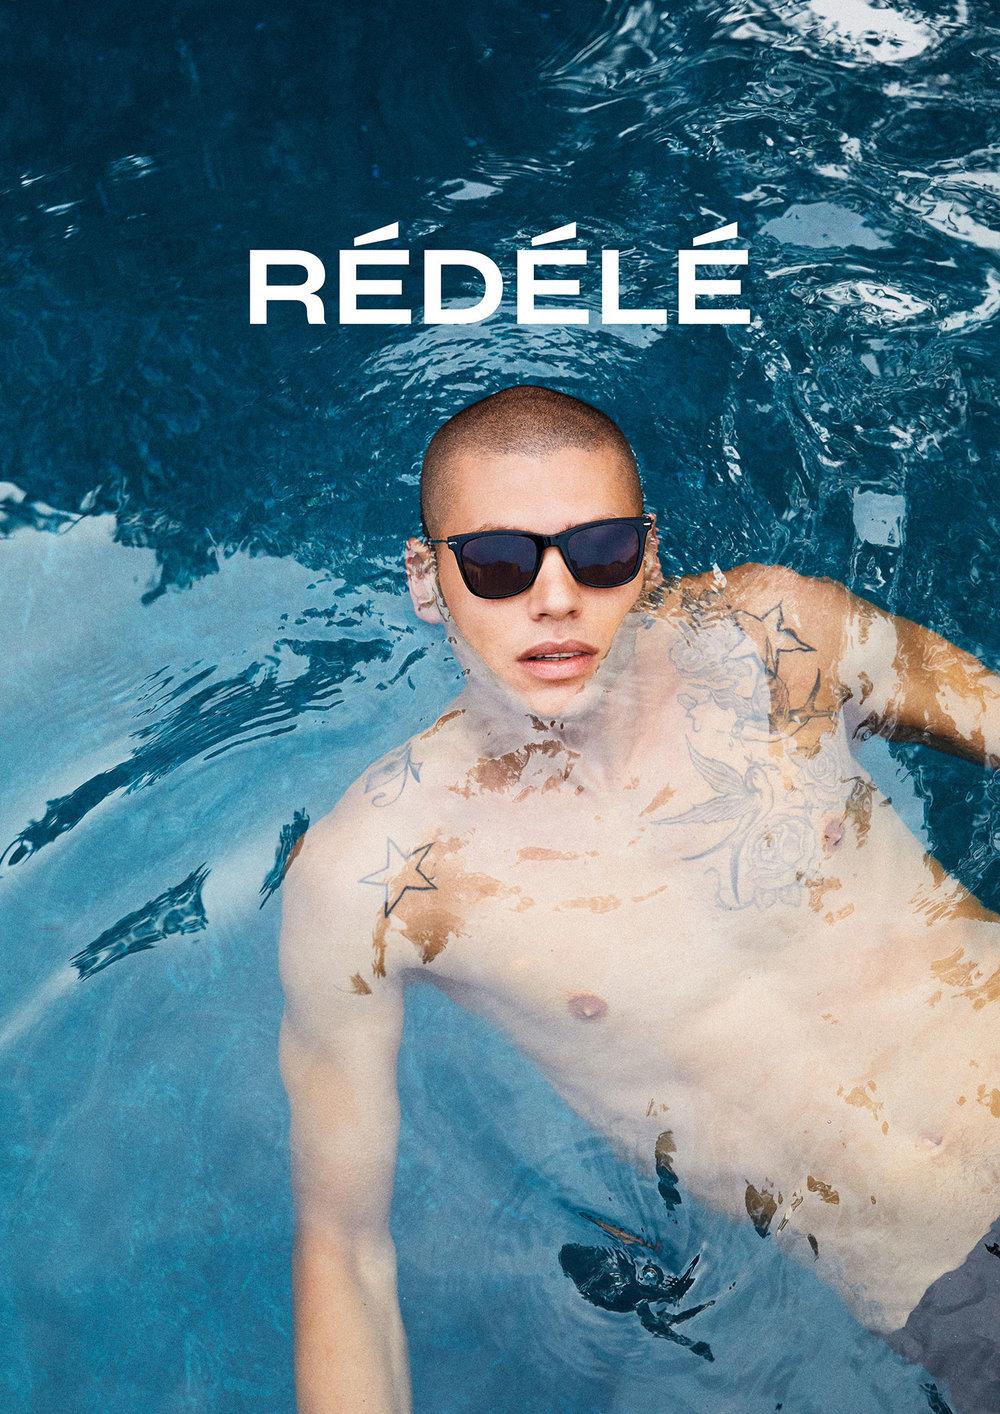 redele1.jpg